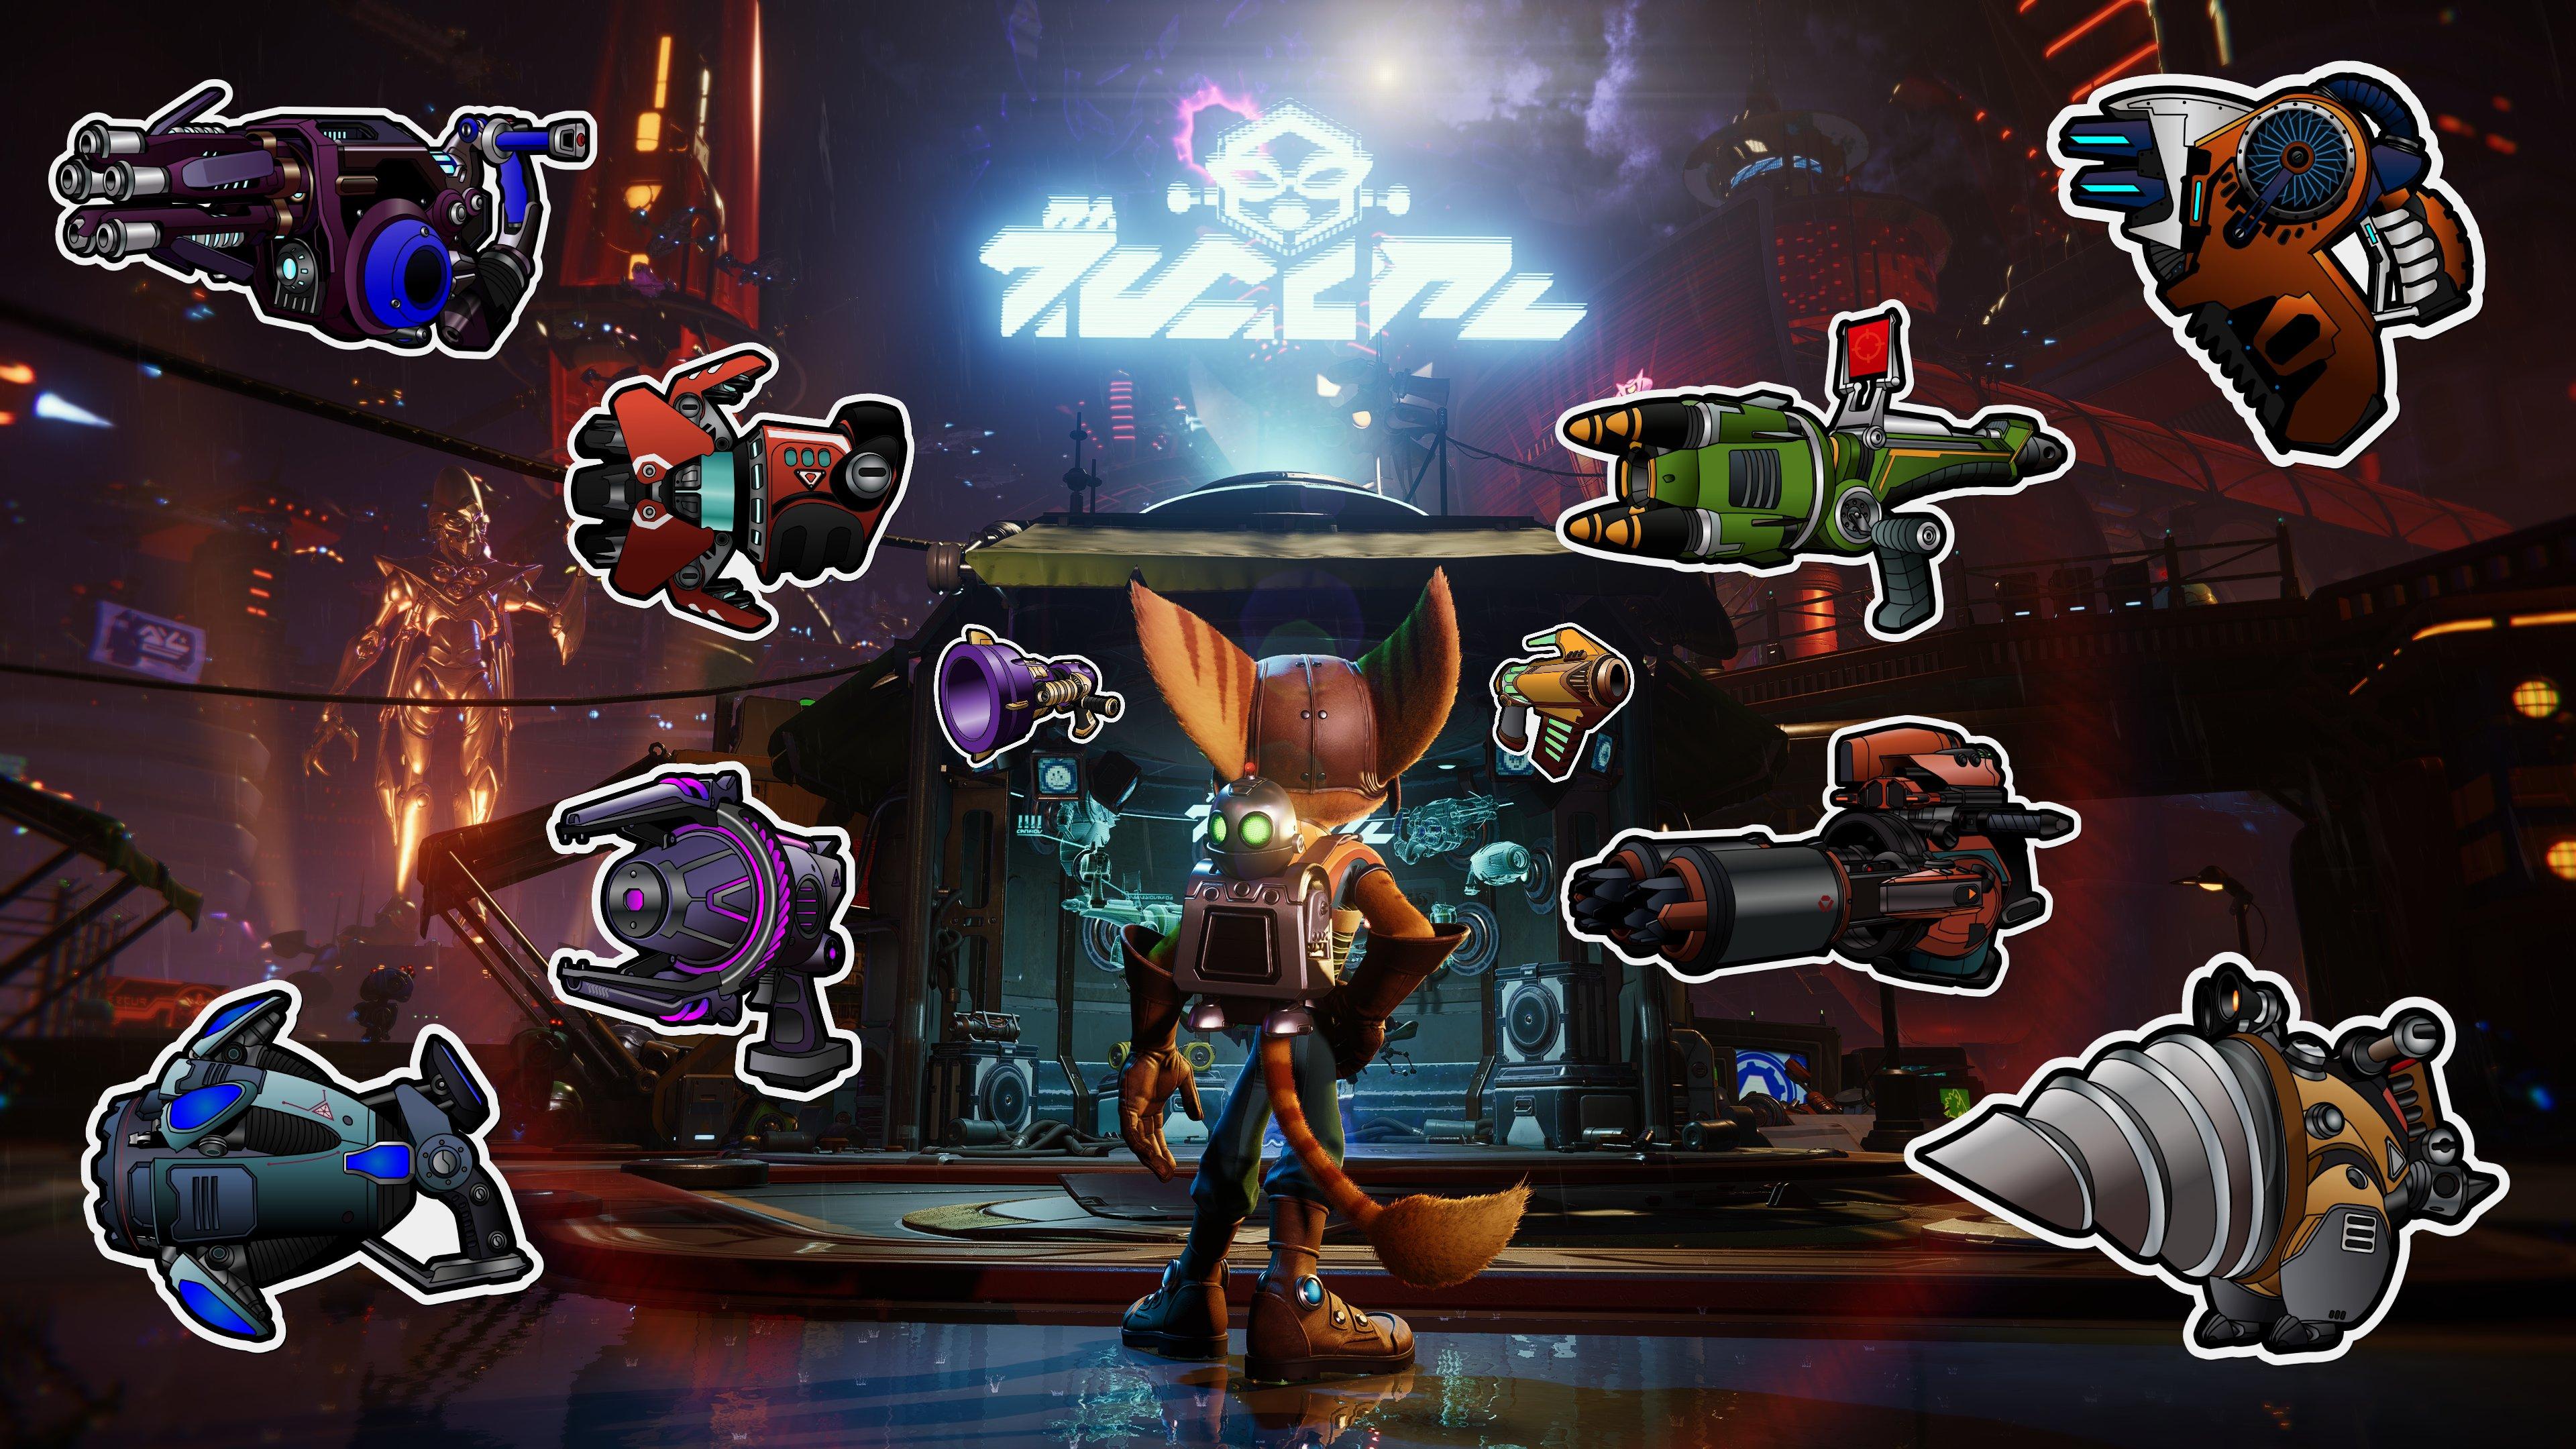 Свежий апдейт для Ratchet & Clank: Rift Apart улучшает фоторежим